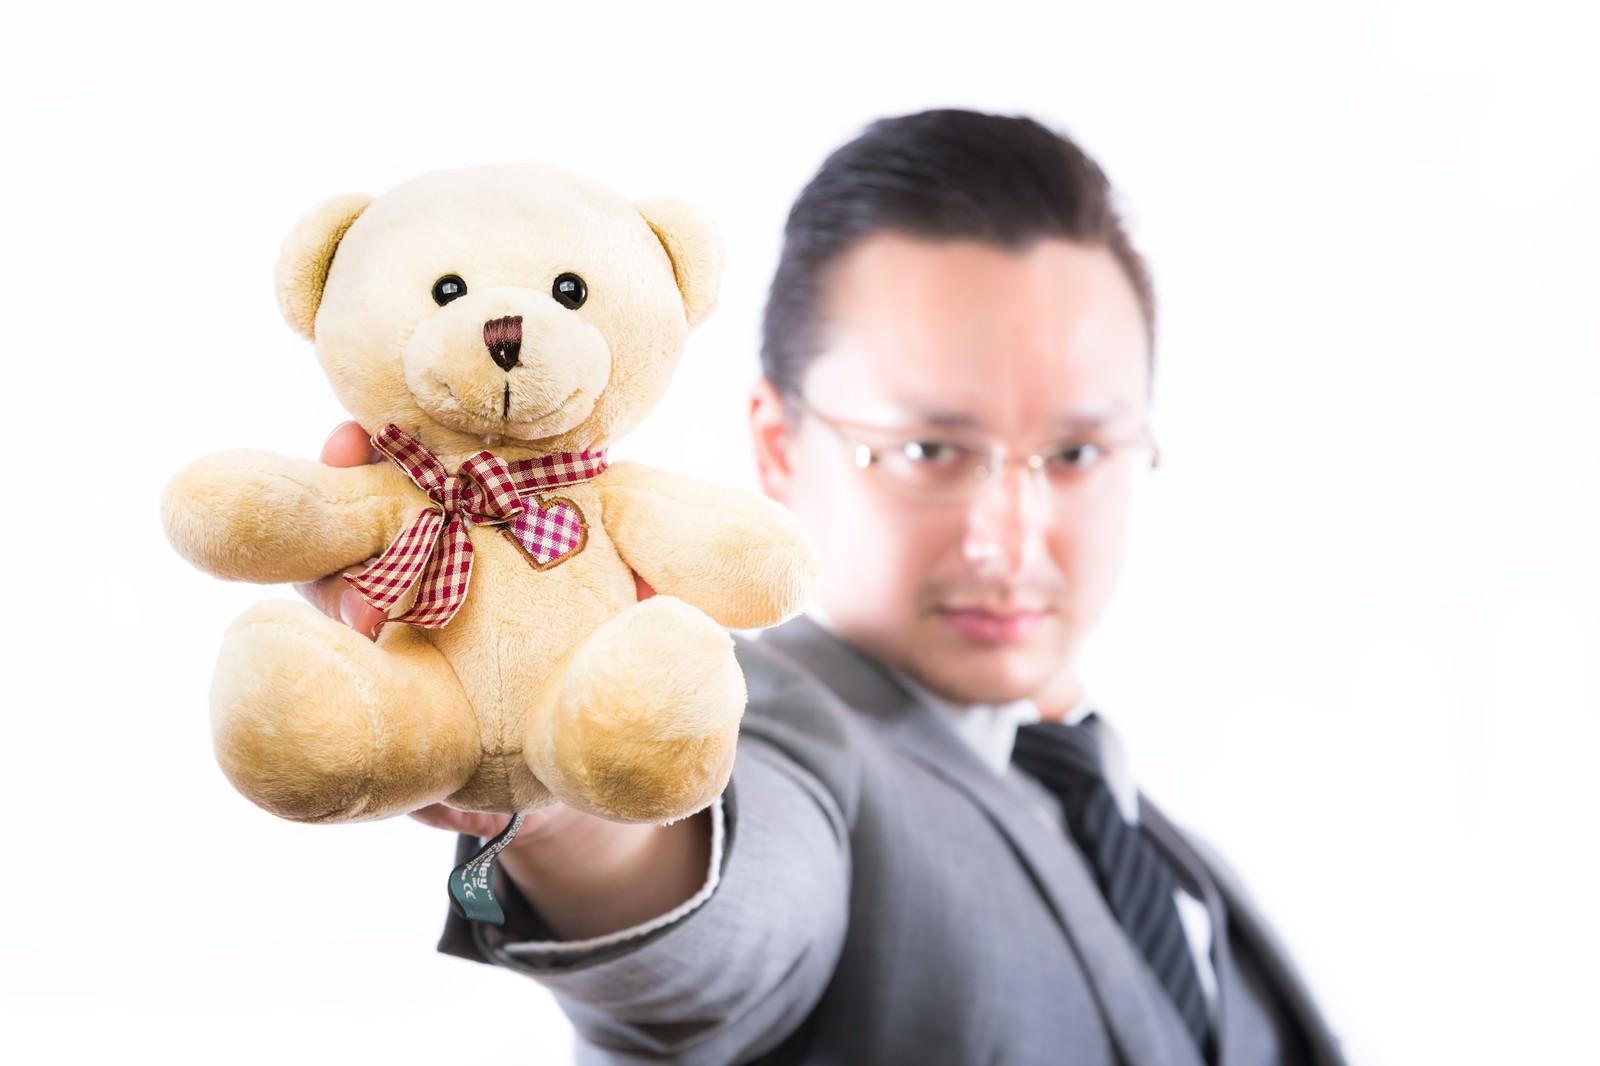 「熊のぬいぐるみを差し出す外資系ビジネスマン」の写真[モデル:Max_Ezaki]